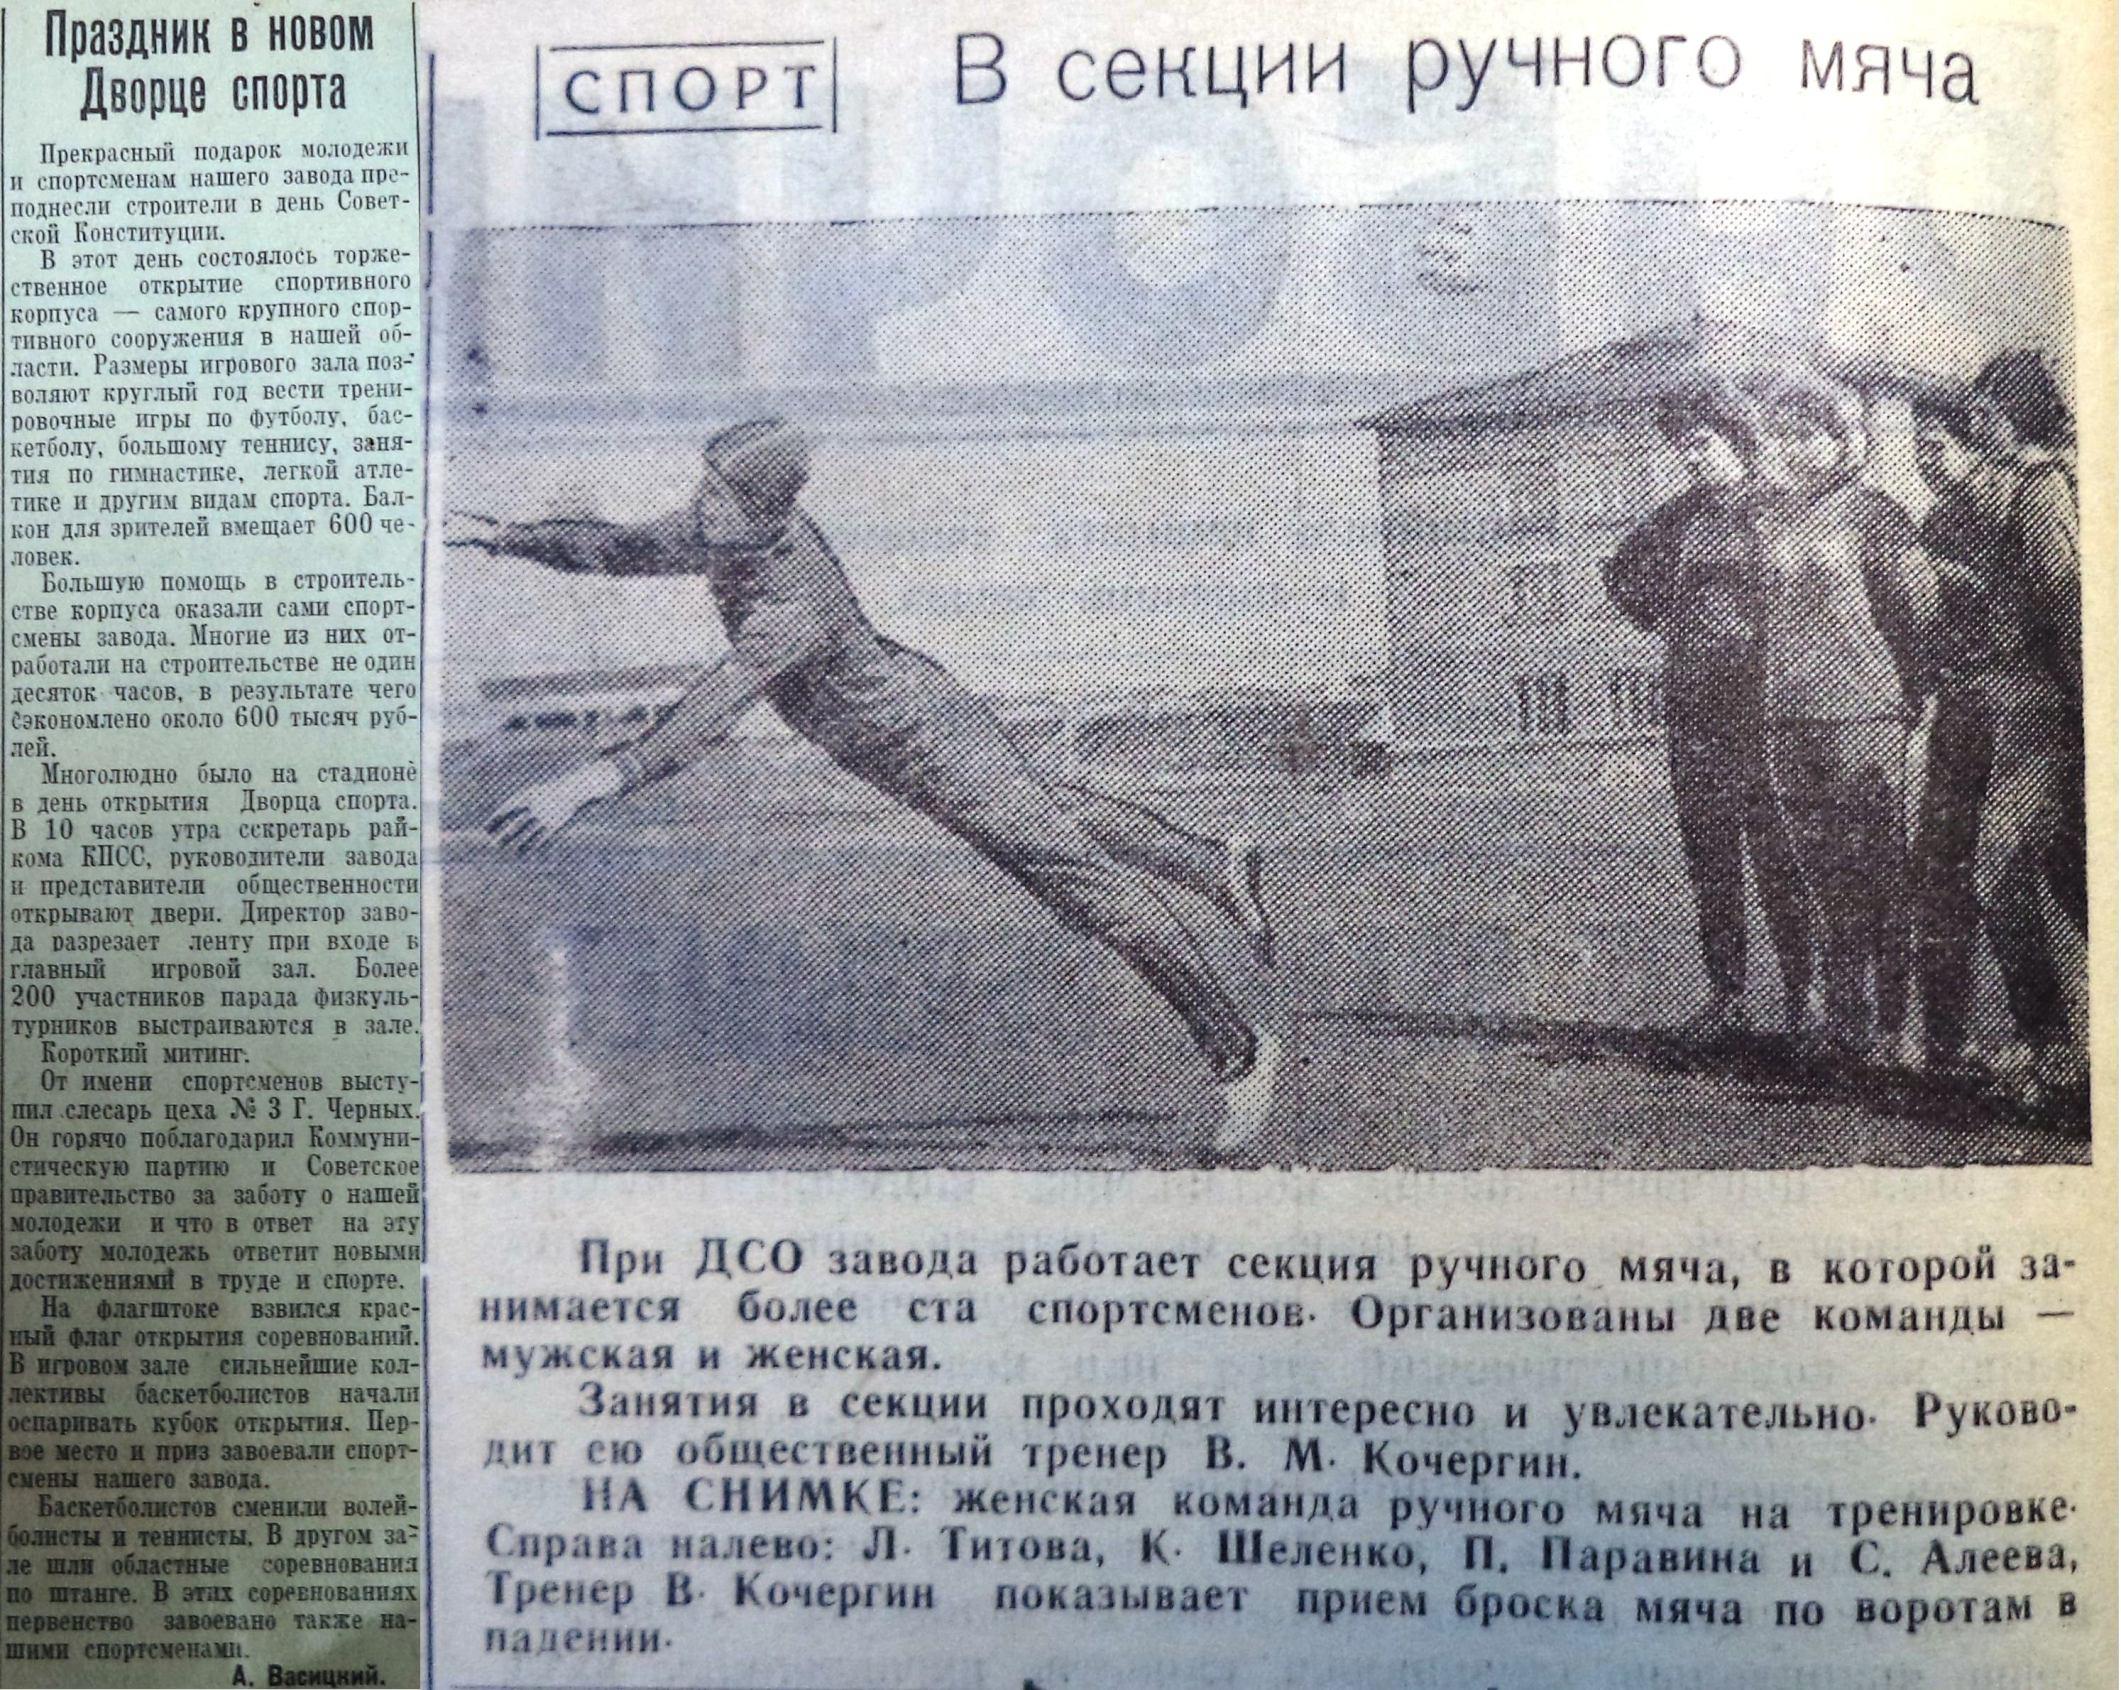 25 -- Строителей-ФОТО-25-Рабочий-1959-9 декабря-Y (1)-min